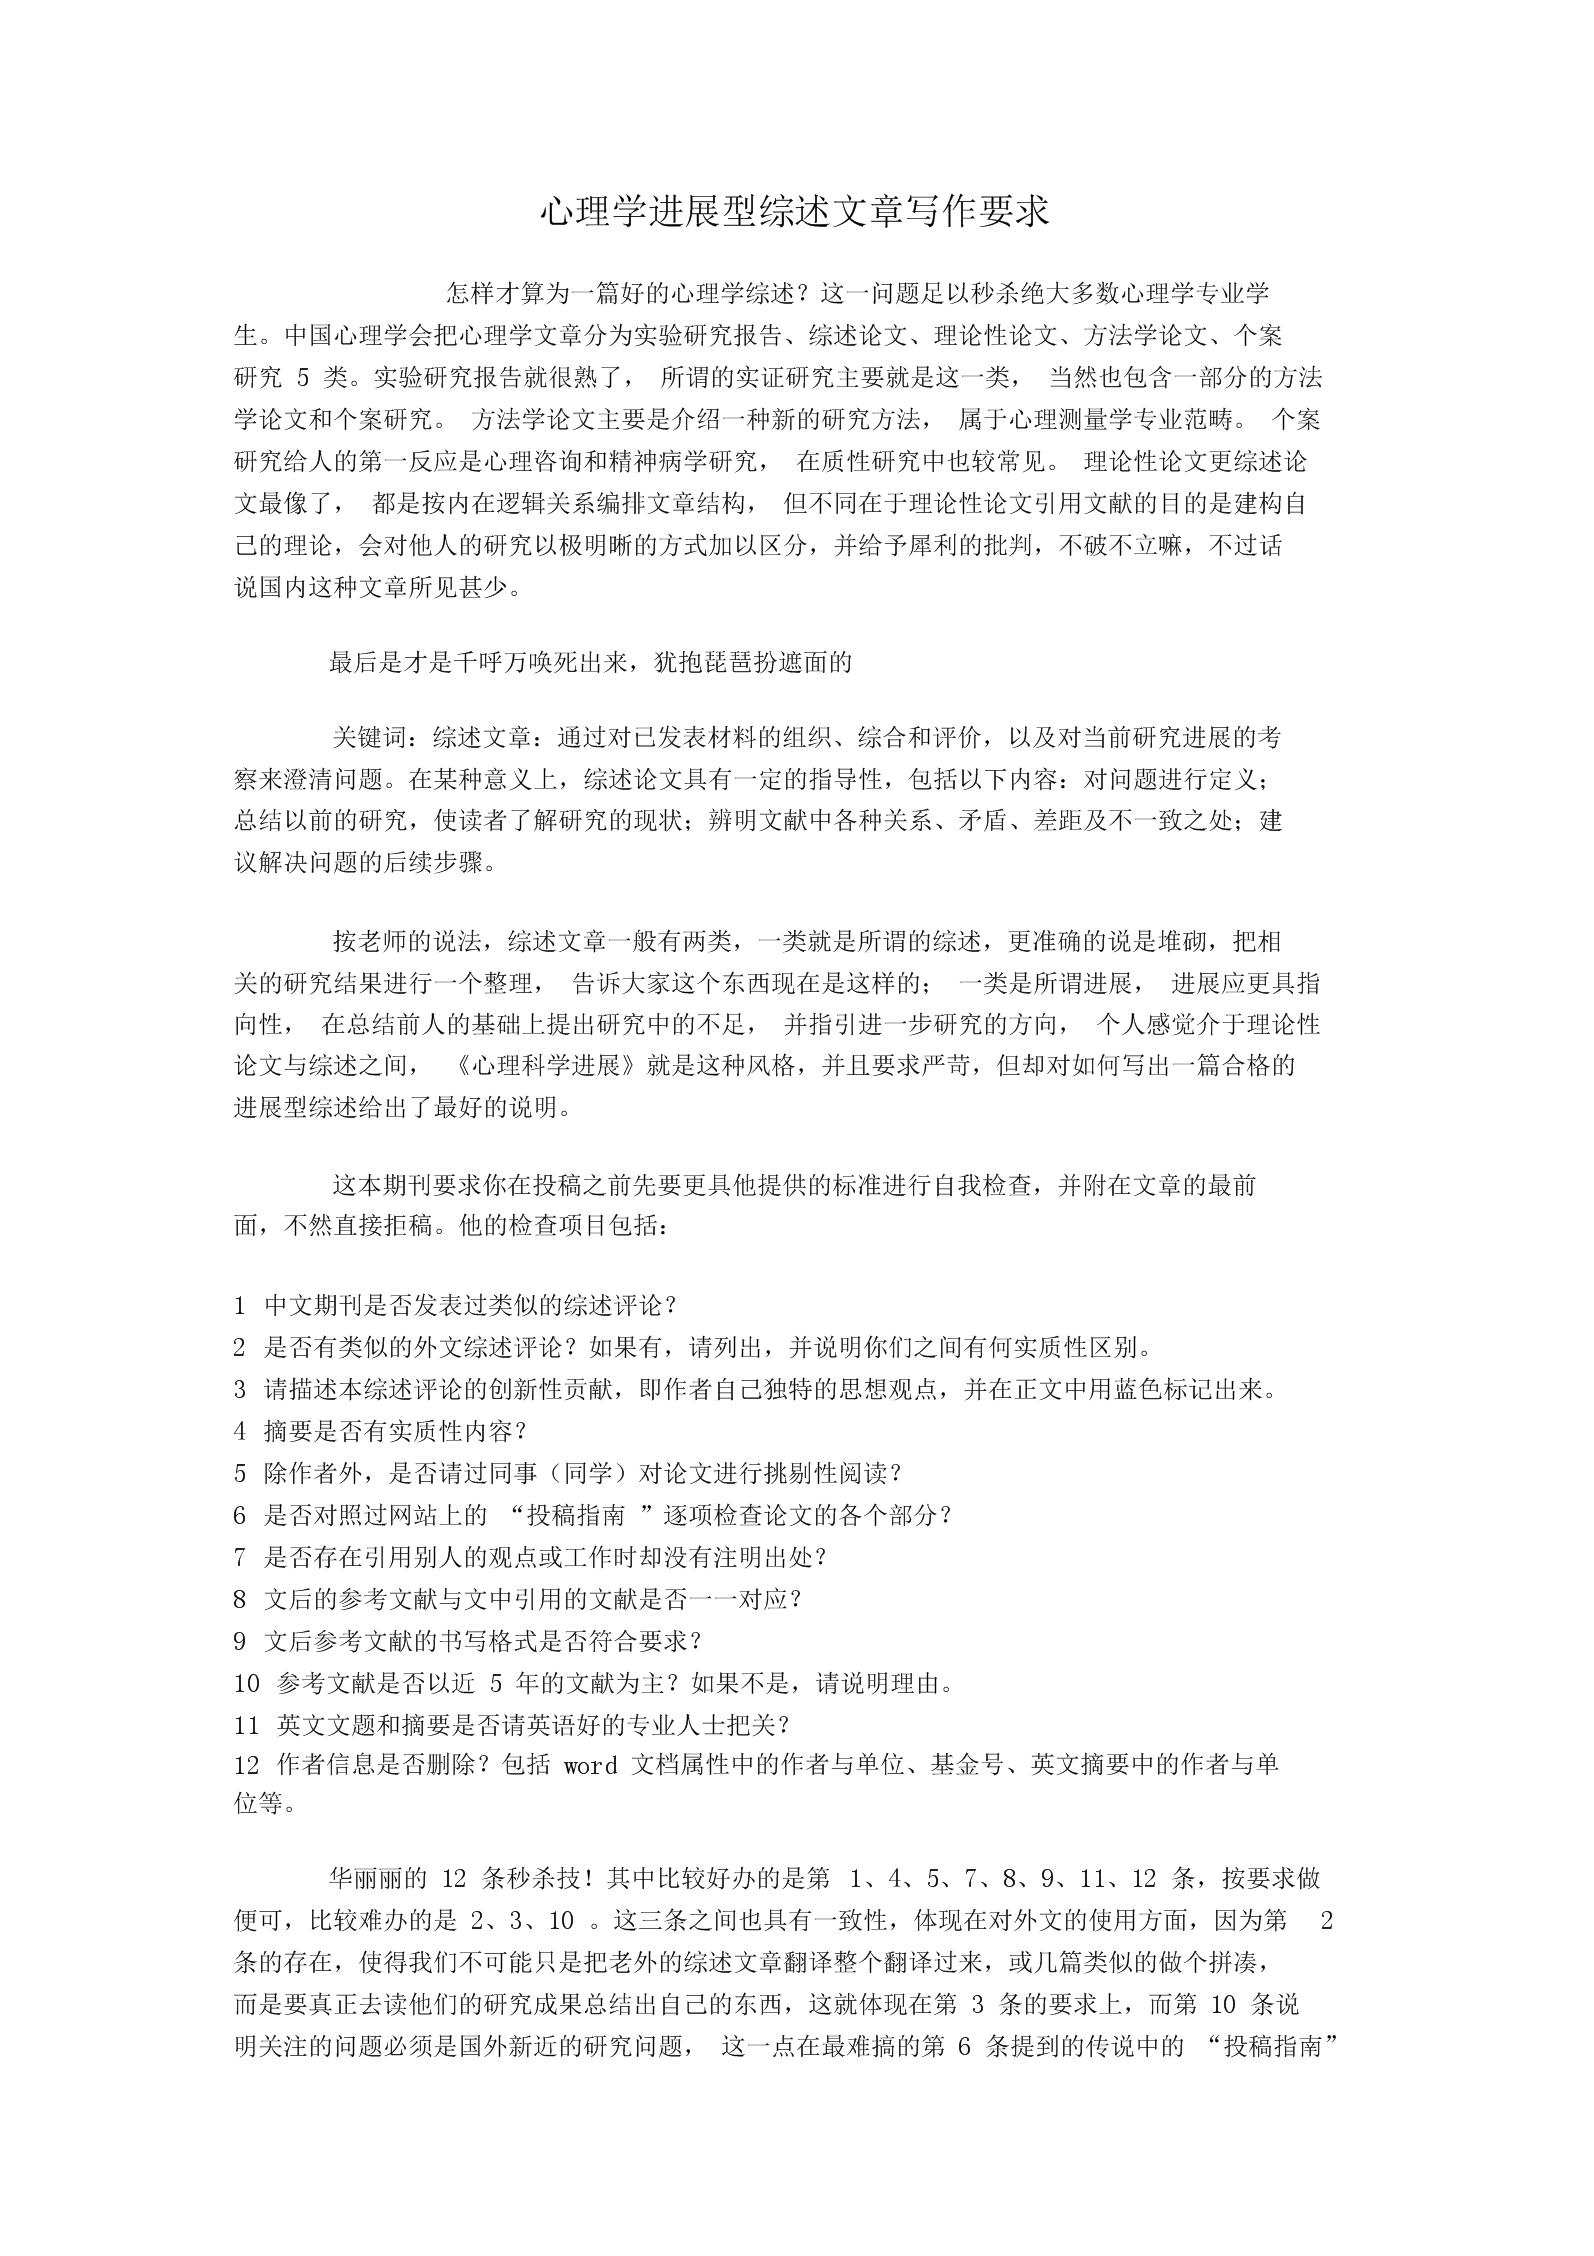 心理学进展型综述文章写作要求.docx